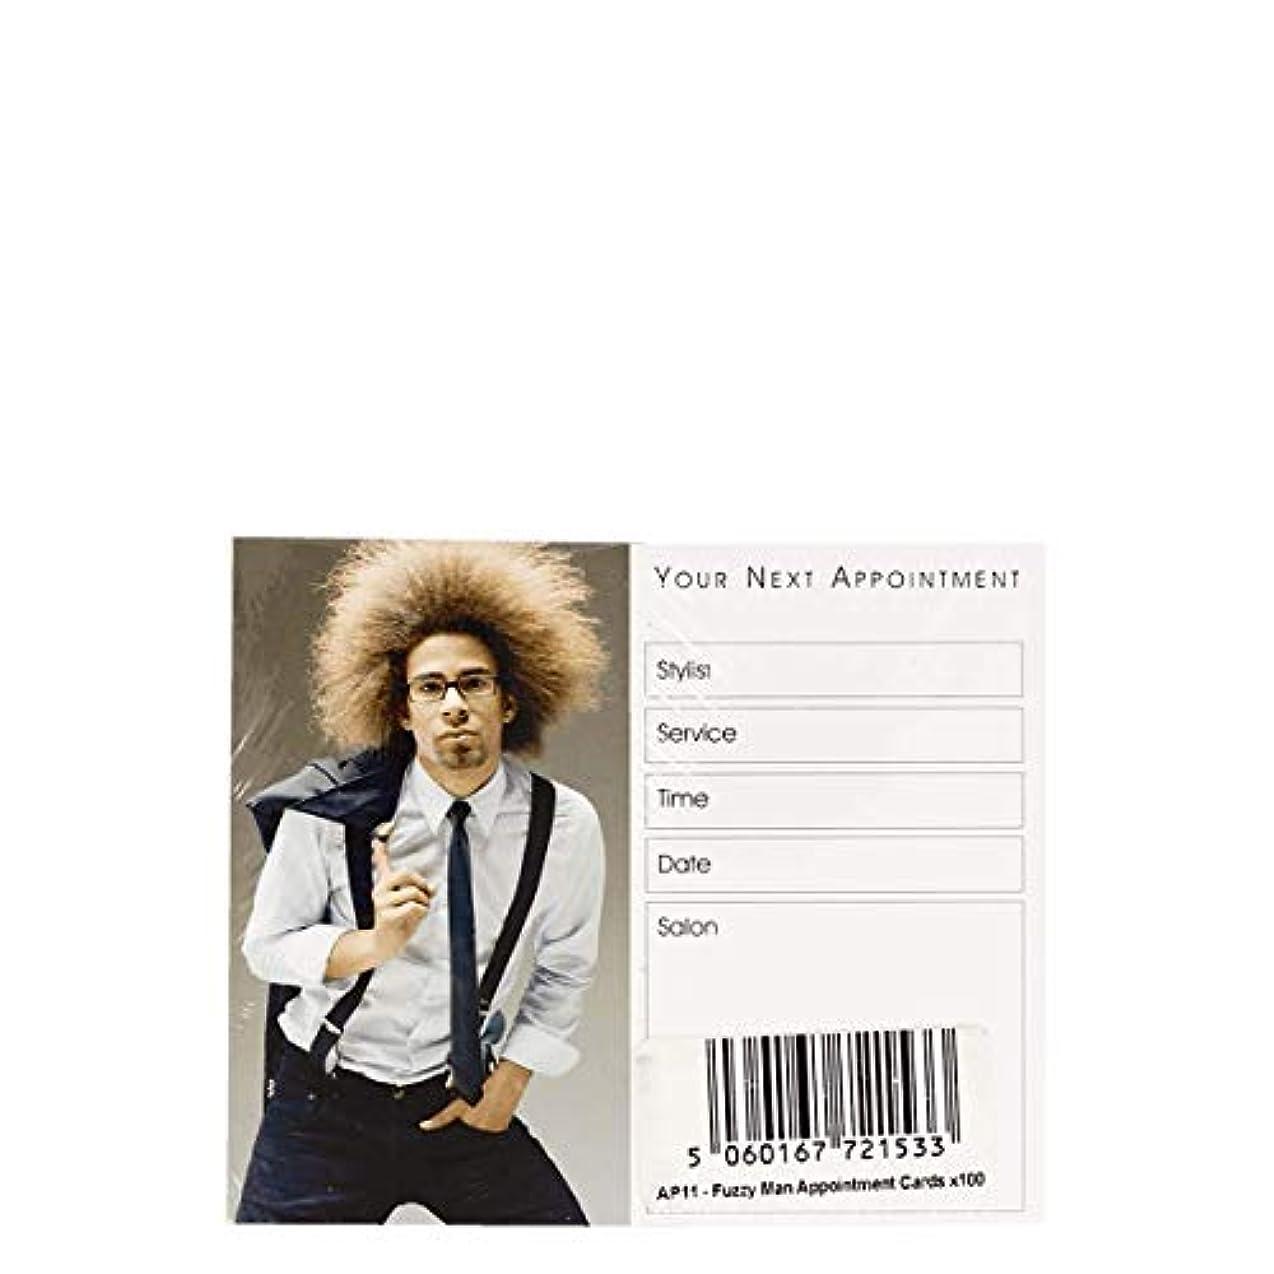 委員会時名声アポイントメントカード Appointment Cards- AP11 FUZZY MAN CARDS x100[海外直送品] [並行輸入品]